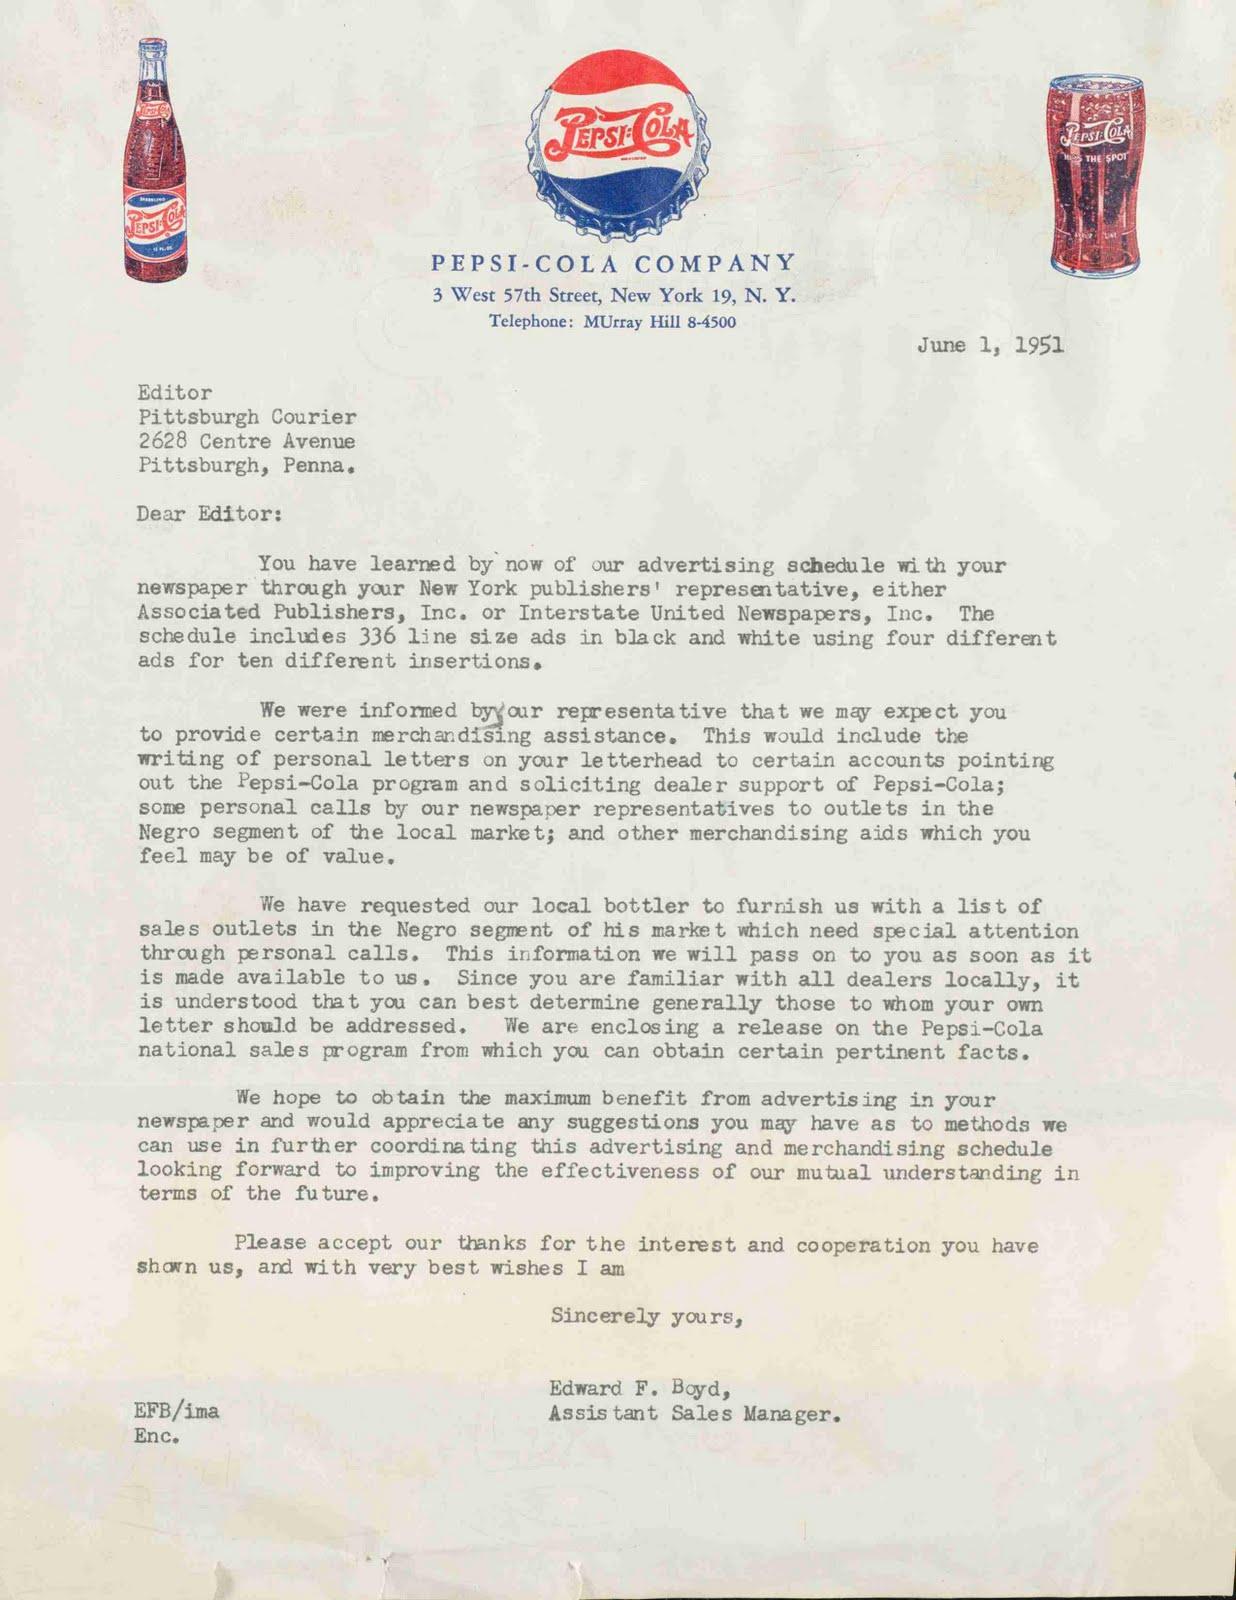 Dear Bottler letter, 1951